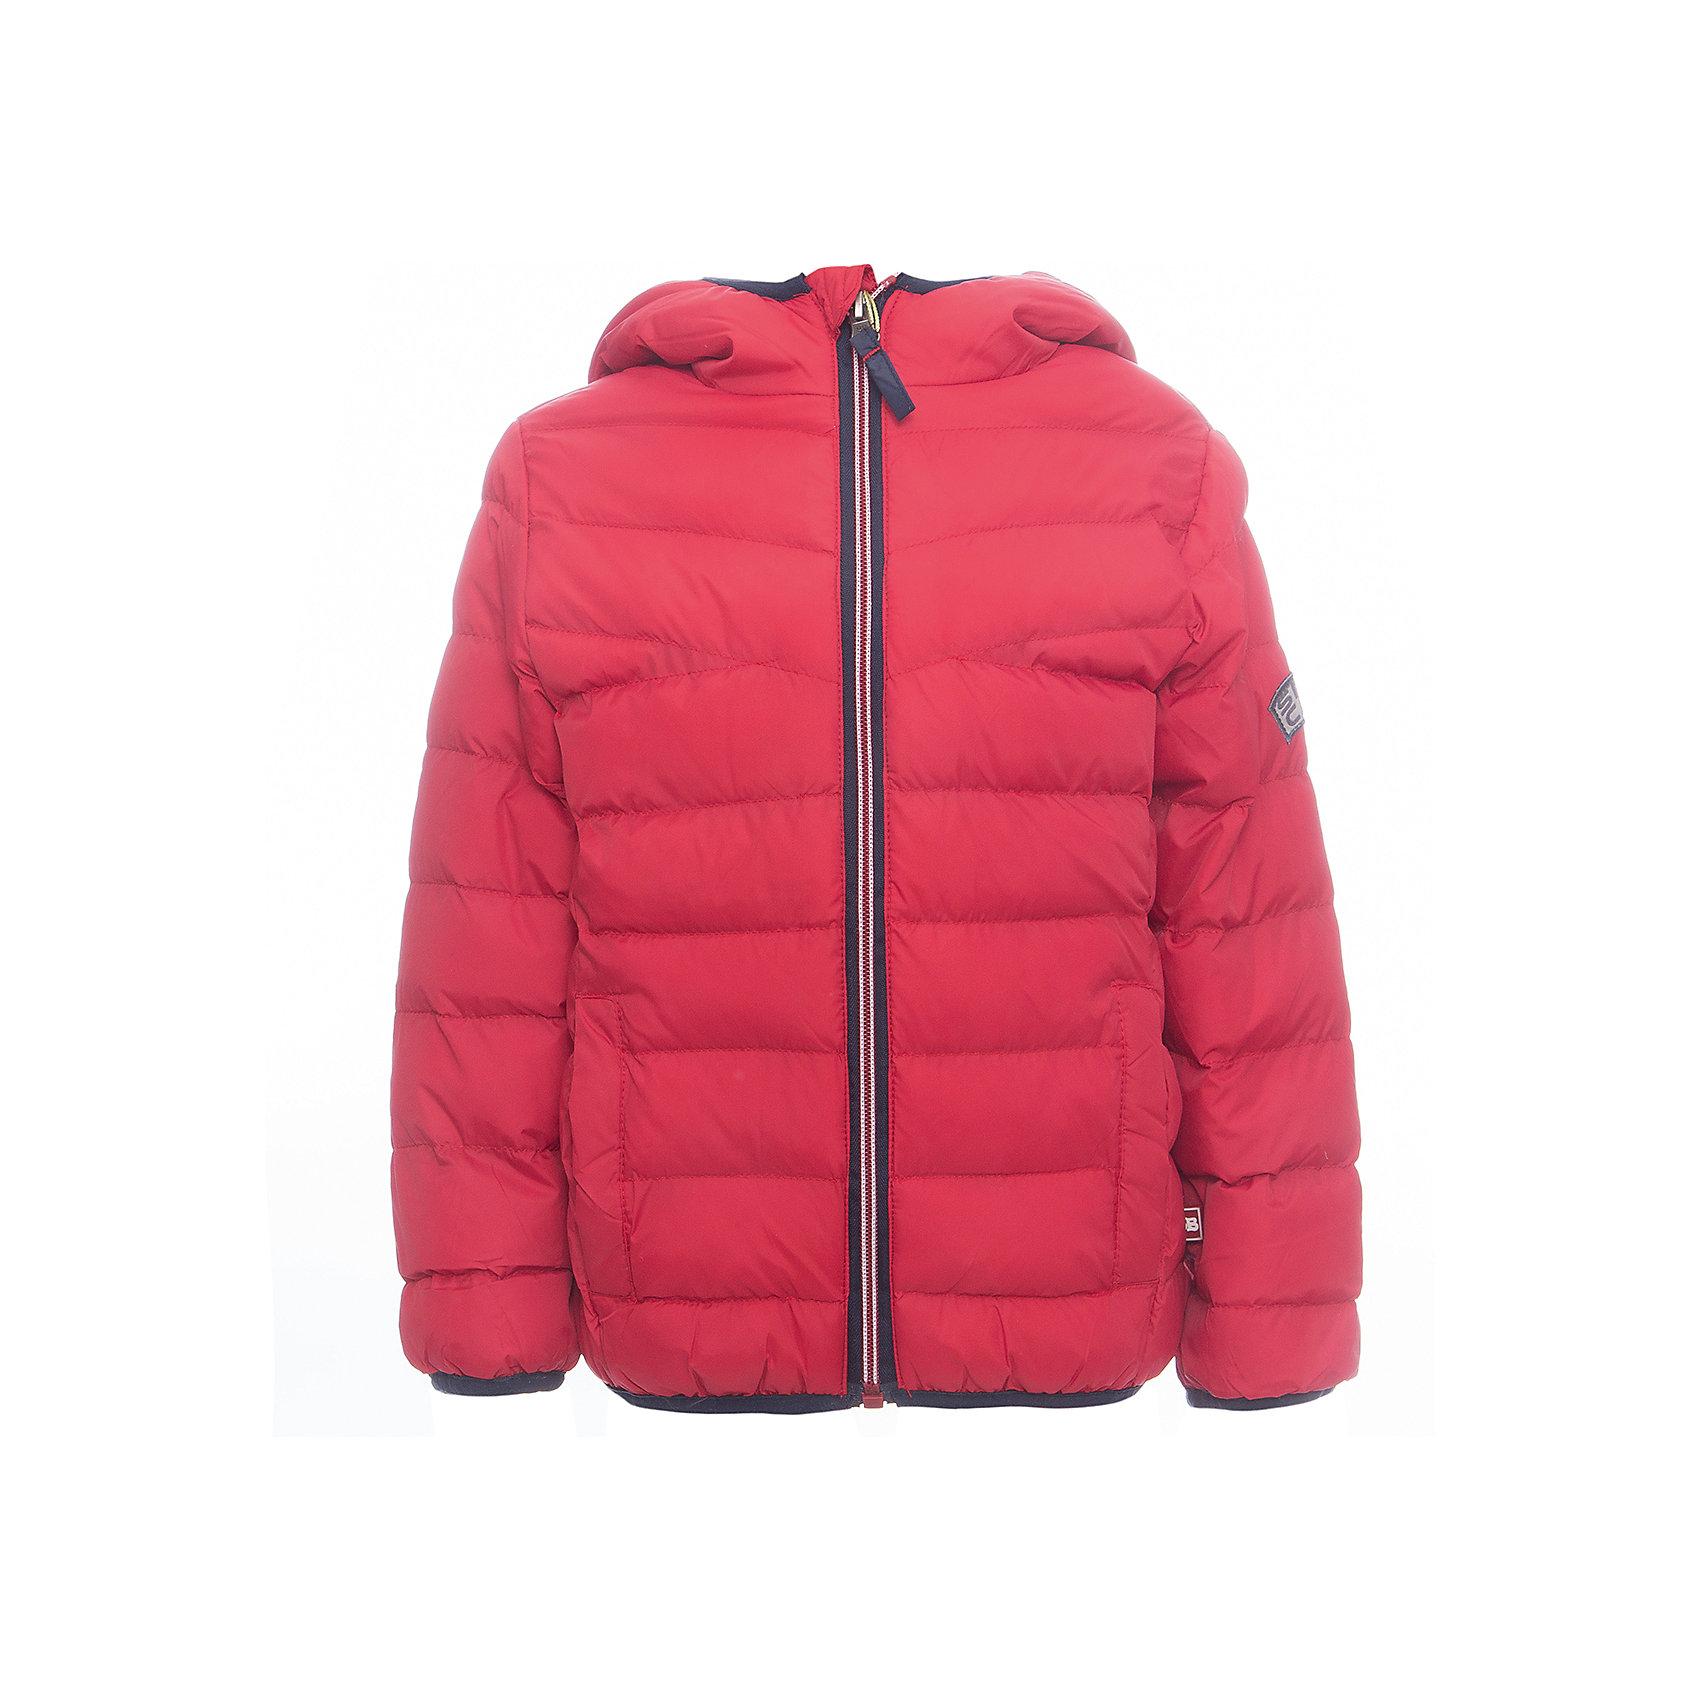 Куртка Sweet Berry для мальчикаВерхняя одежда<br>Куртка Sweet Berry для мальчика<br>Яркая стеганая куртка с несъемным капюшоном для мальчика. Два прорезных кармана. Капюшон, рукава и низ изделия с контрастной окантовочной резинкой. Куртка застегивается на молнию.<br>Состав:<br>Верх: 100% нейлон Подкладка: 100% полиэстер Наполнитель 100% полиэстер<br><br>Ширина мм: 356<br>Глубина мм: 10<br>Высота мм: 245<br>Вес г: 519<br>Цвет: красный<br>Возраст от месяцев: 84<br>Возраст до месяцев: 96<br>Пол: Мужской<br>Возраст: Детский<br>Размер: 128,98,104,110,116,122<br>SKU: 7094608